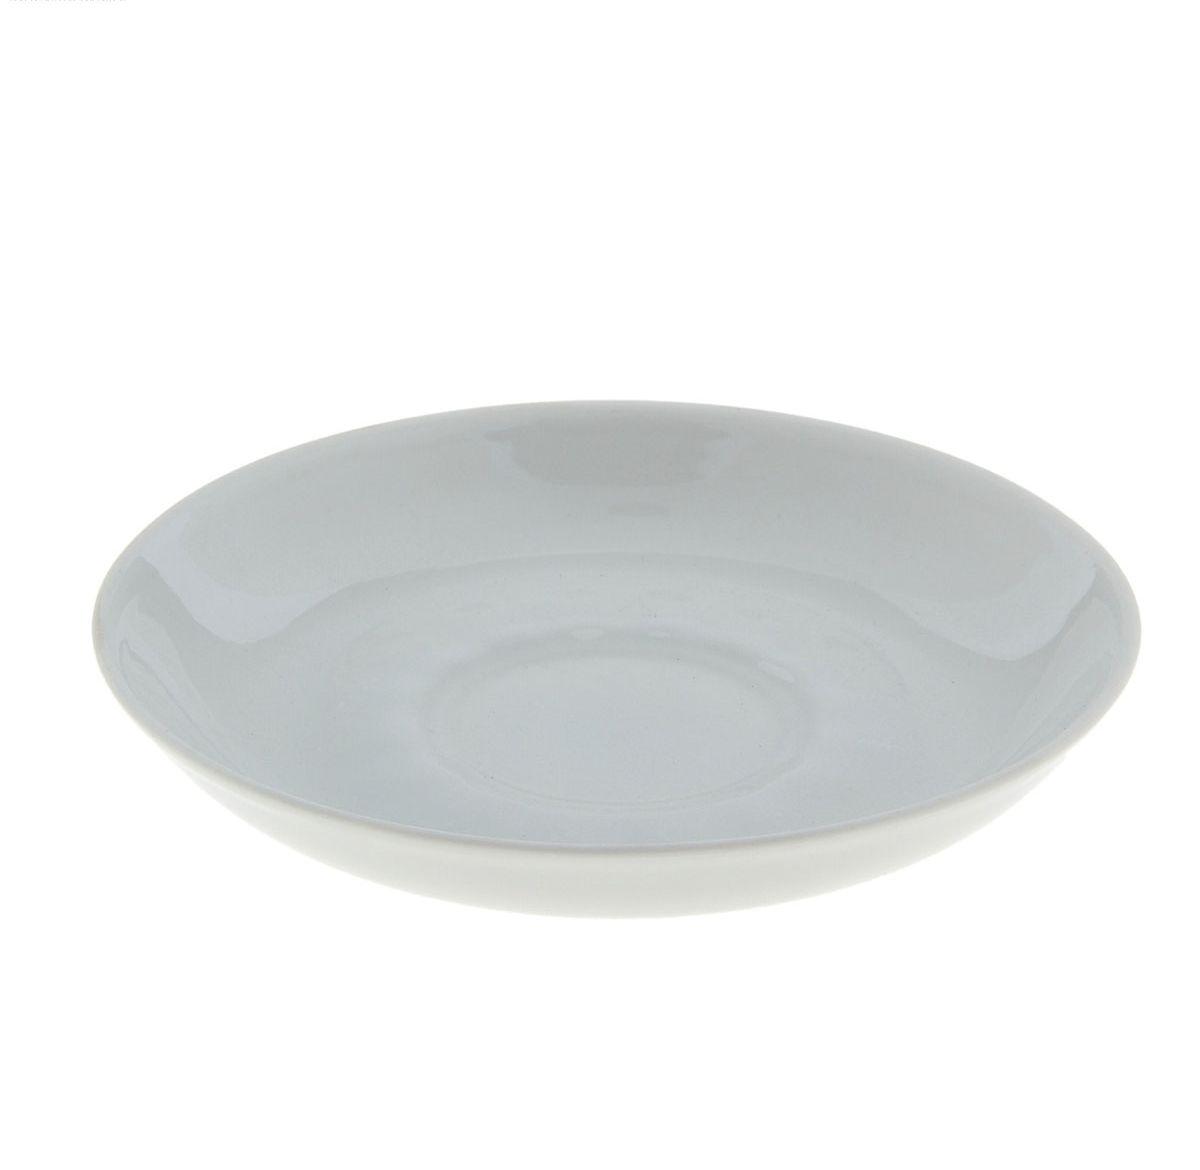 Блюдце чайное Белье, диаметр 15 см508086